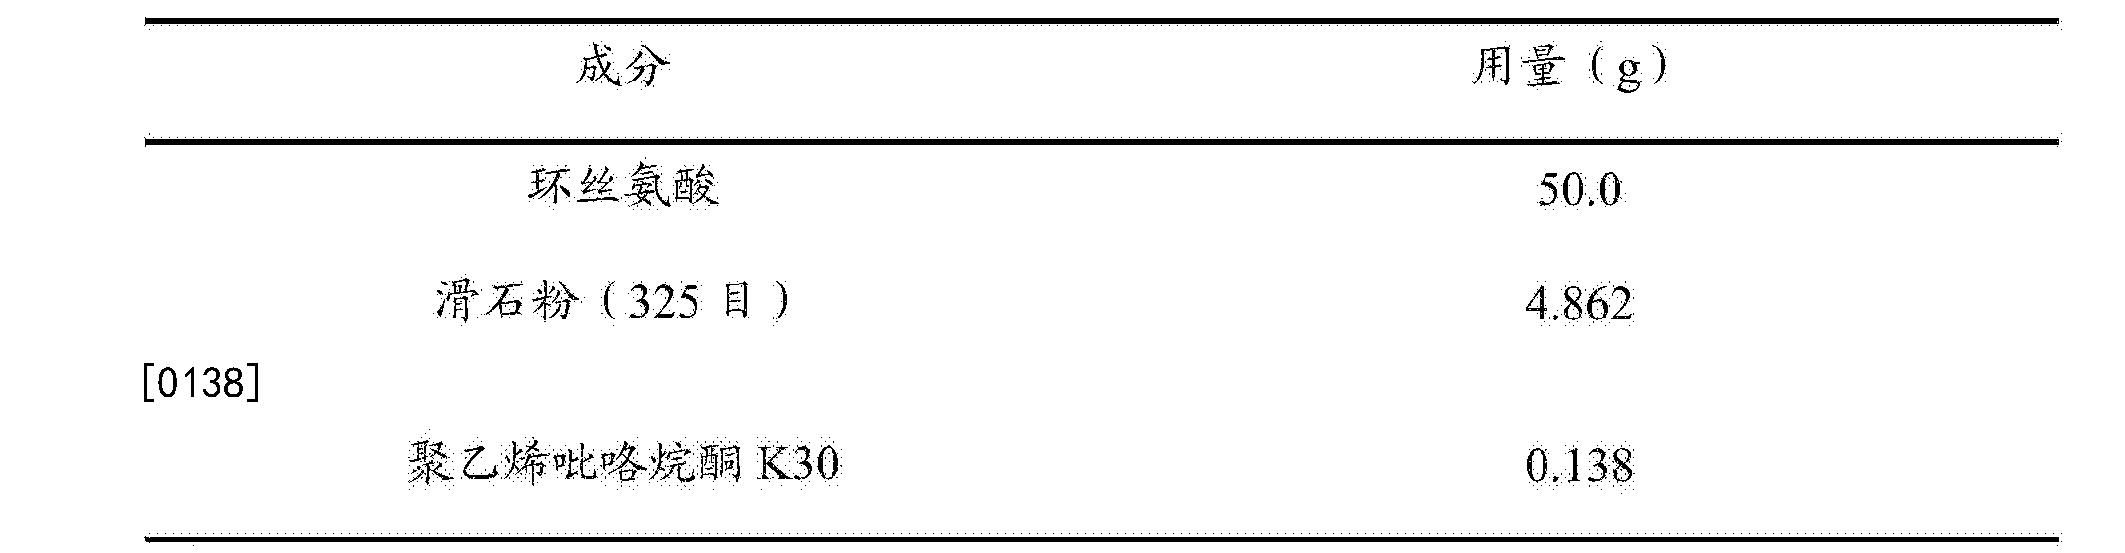 Figure CN105476976BD00111